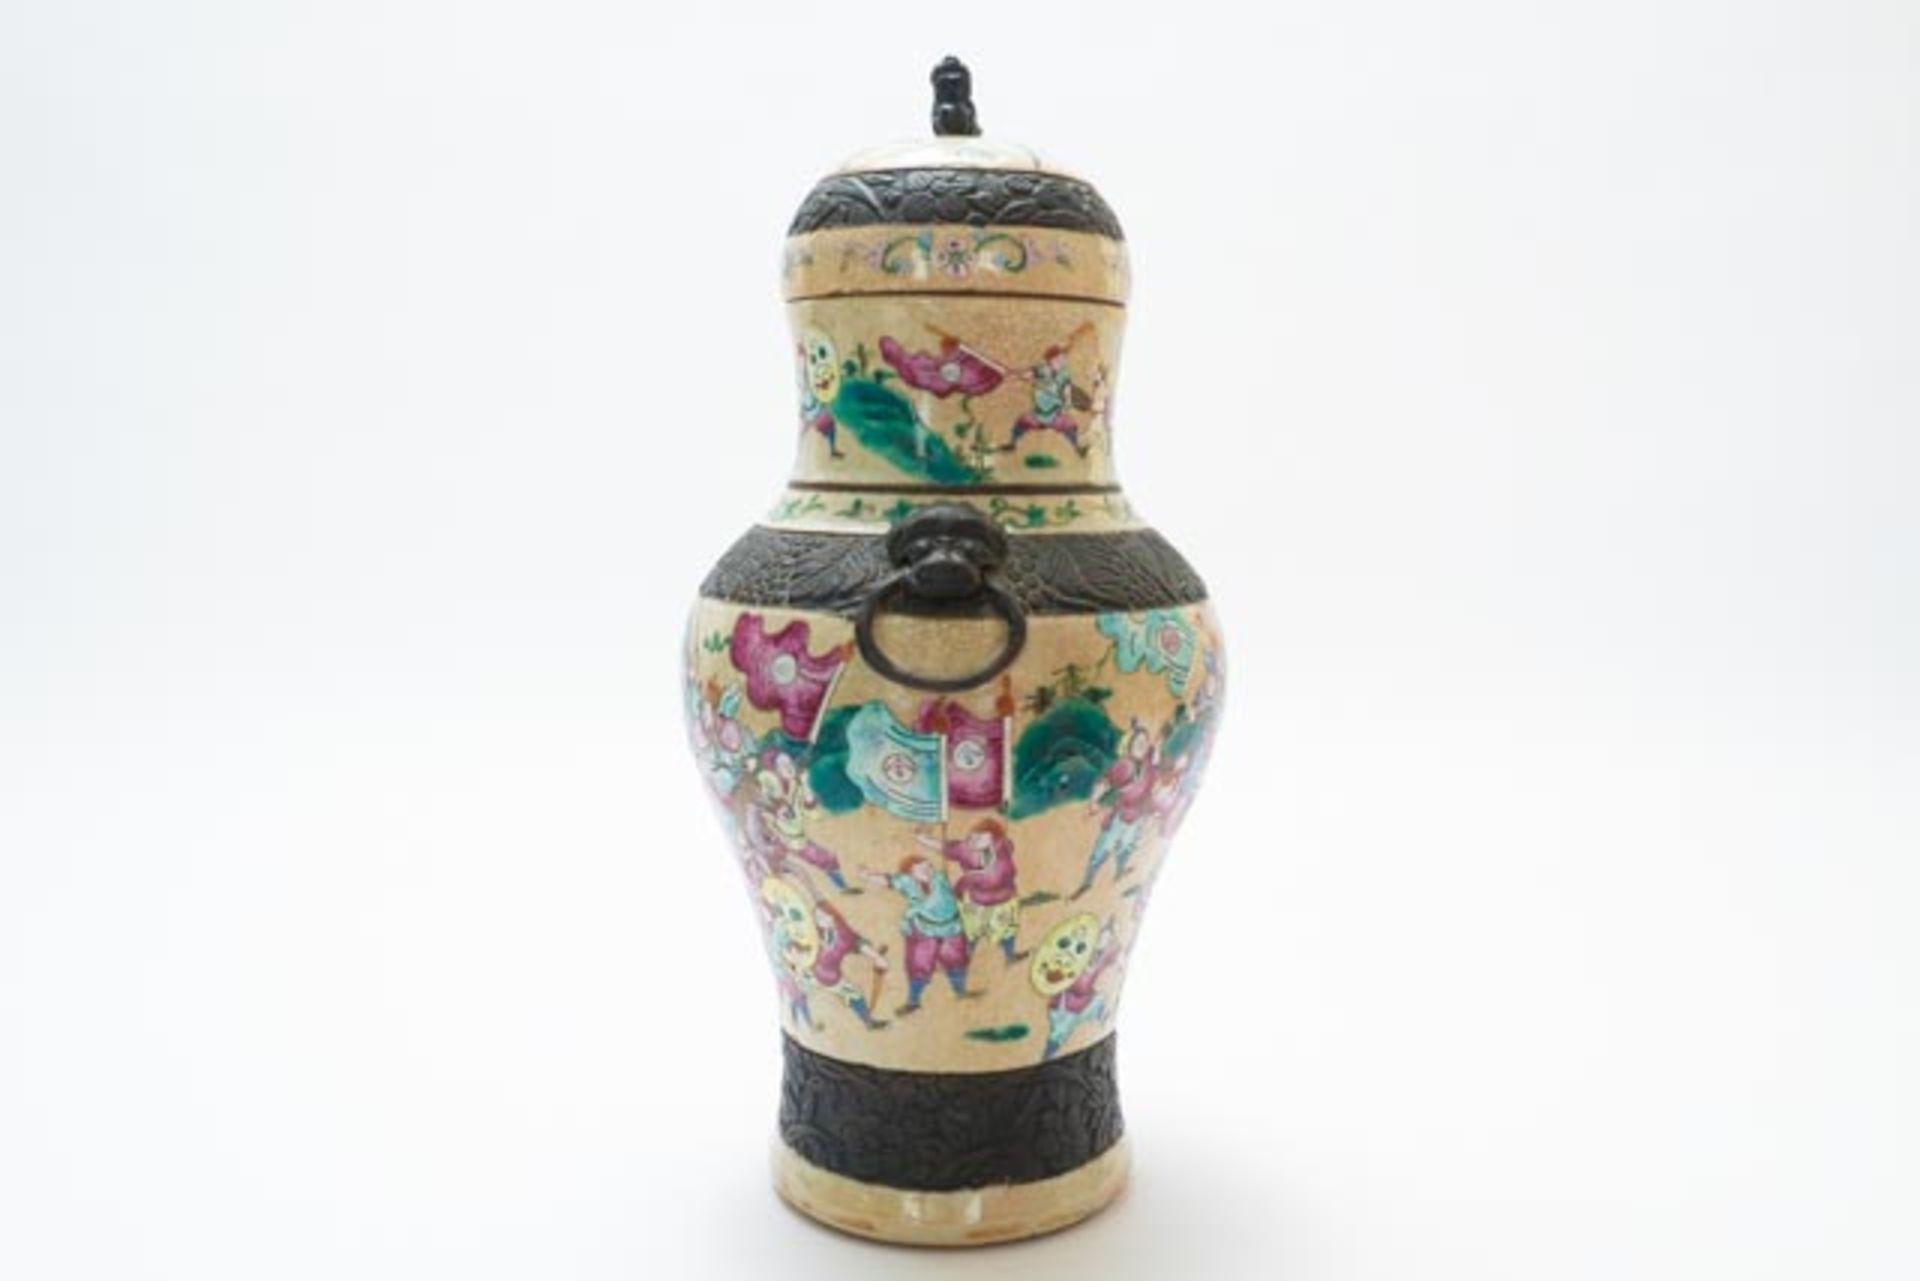 Chinesische Deckelamphore mit Schlachten - Image 2 of 13